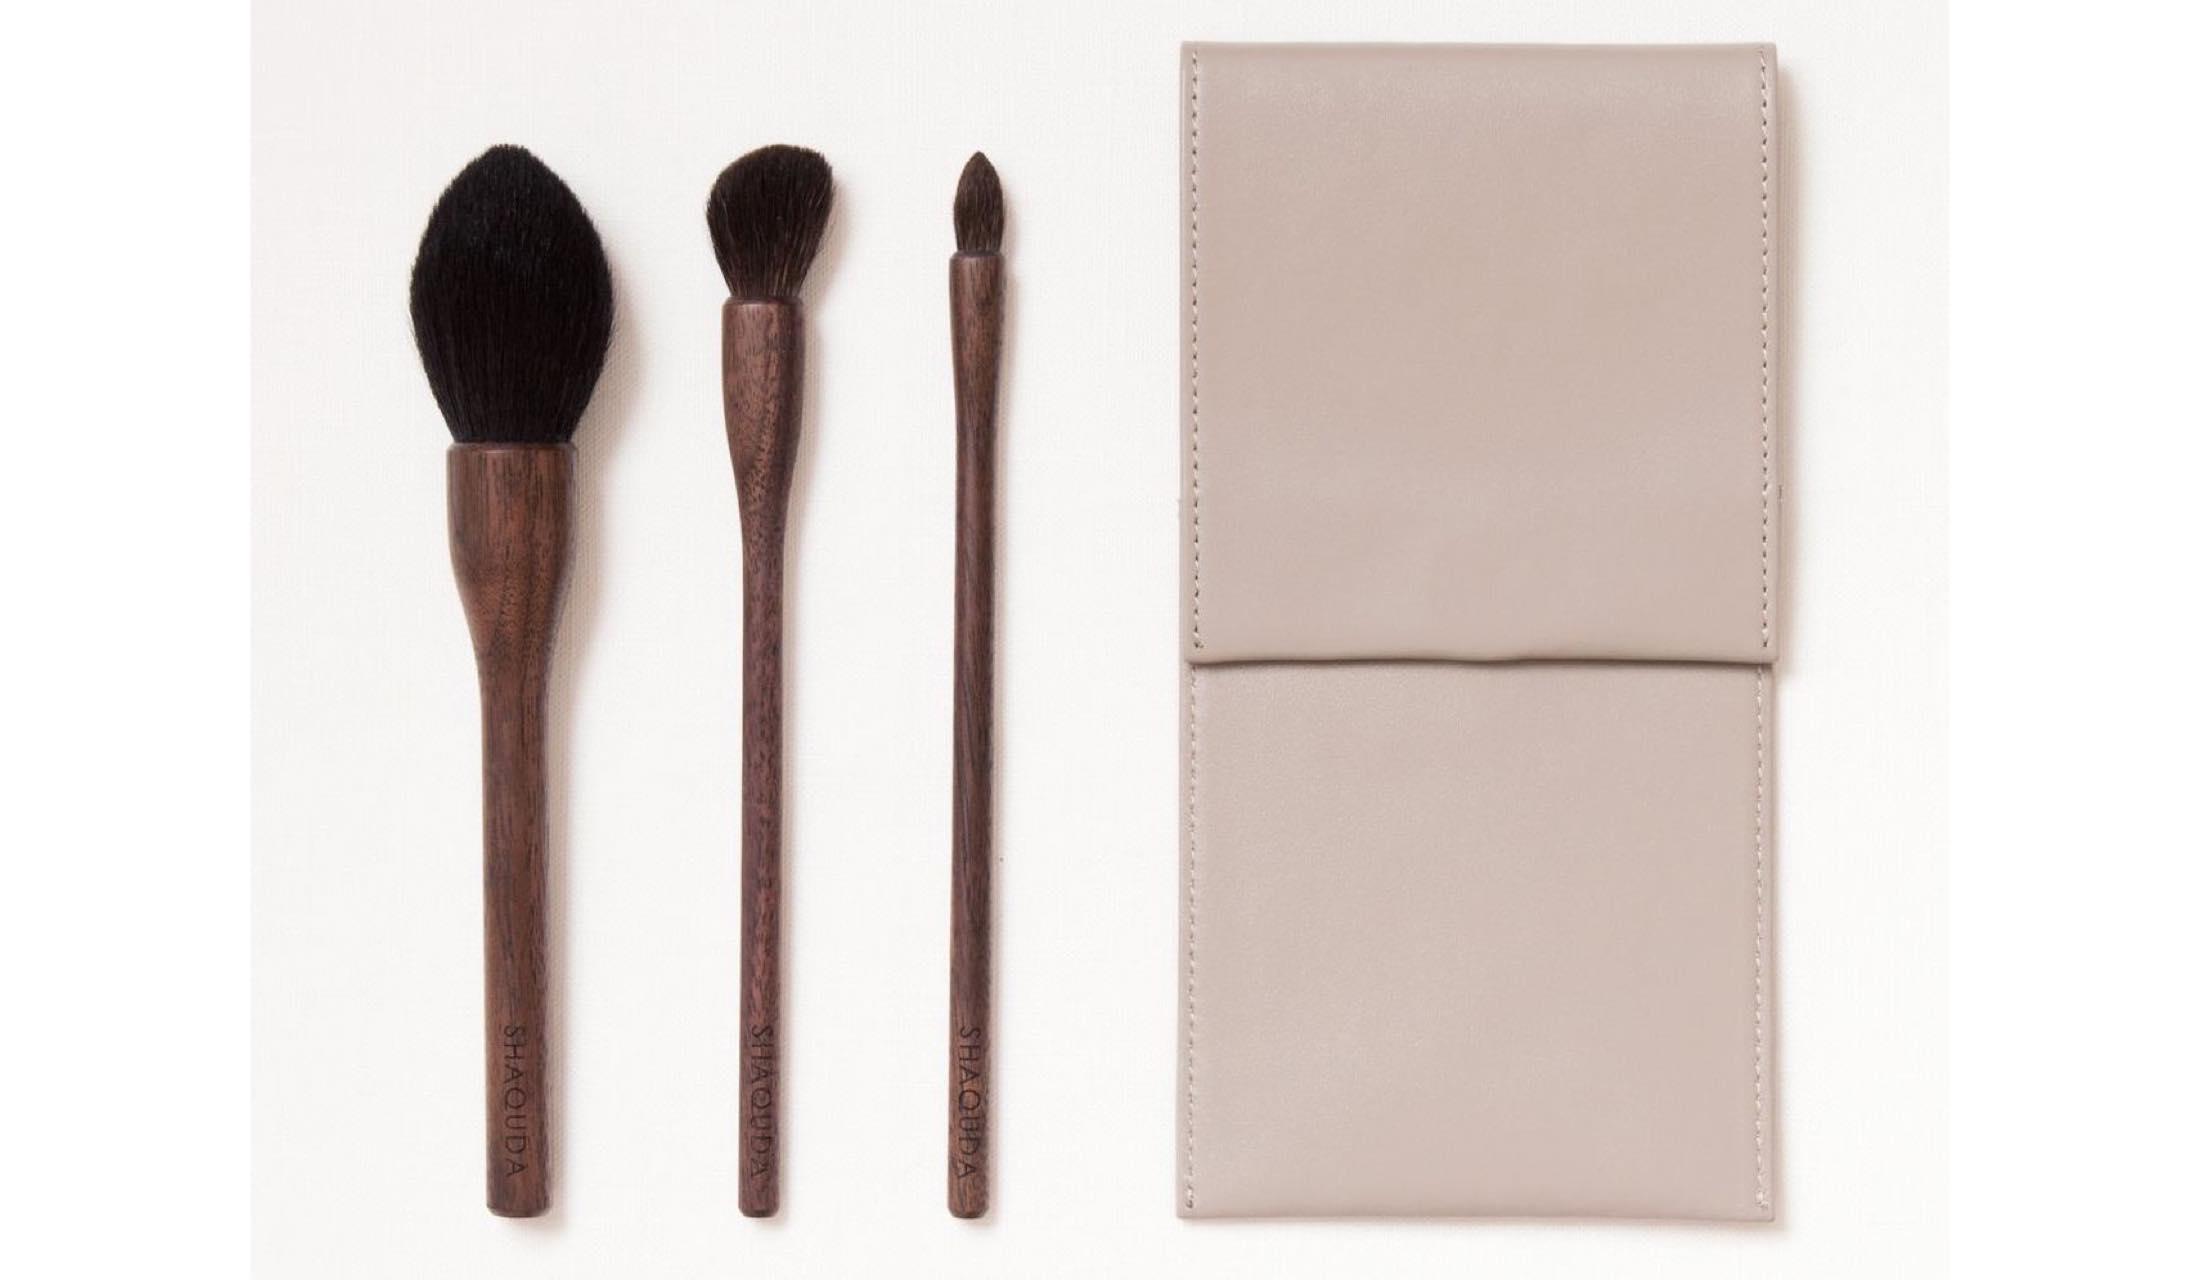 桐箱に入ったギフトセット「UBU 3 Brushes & Case」